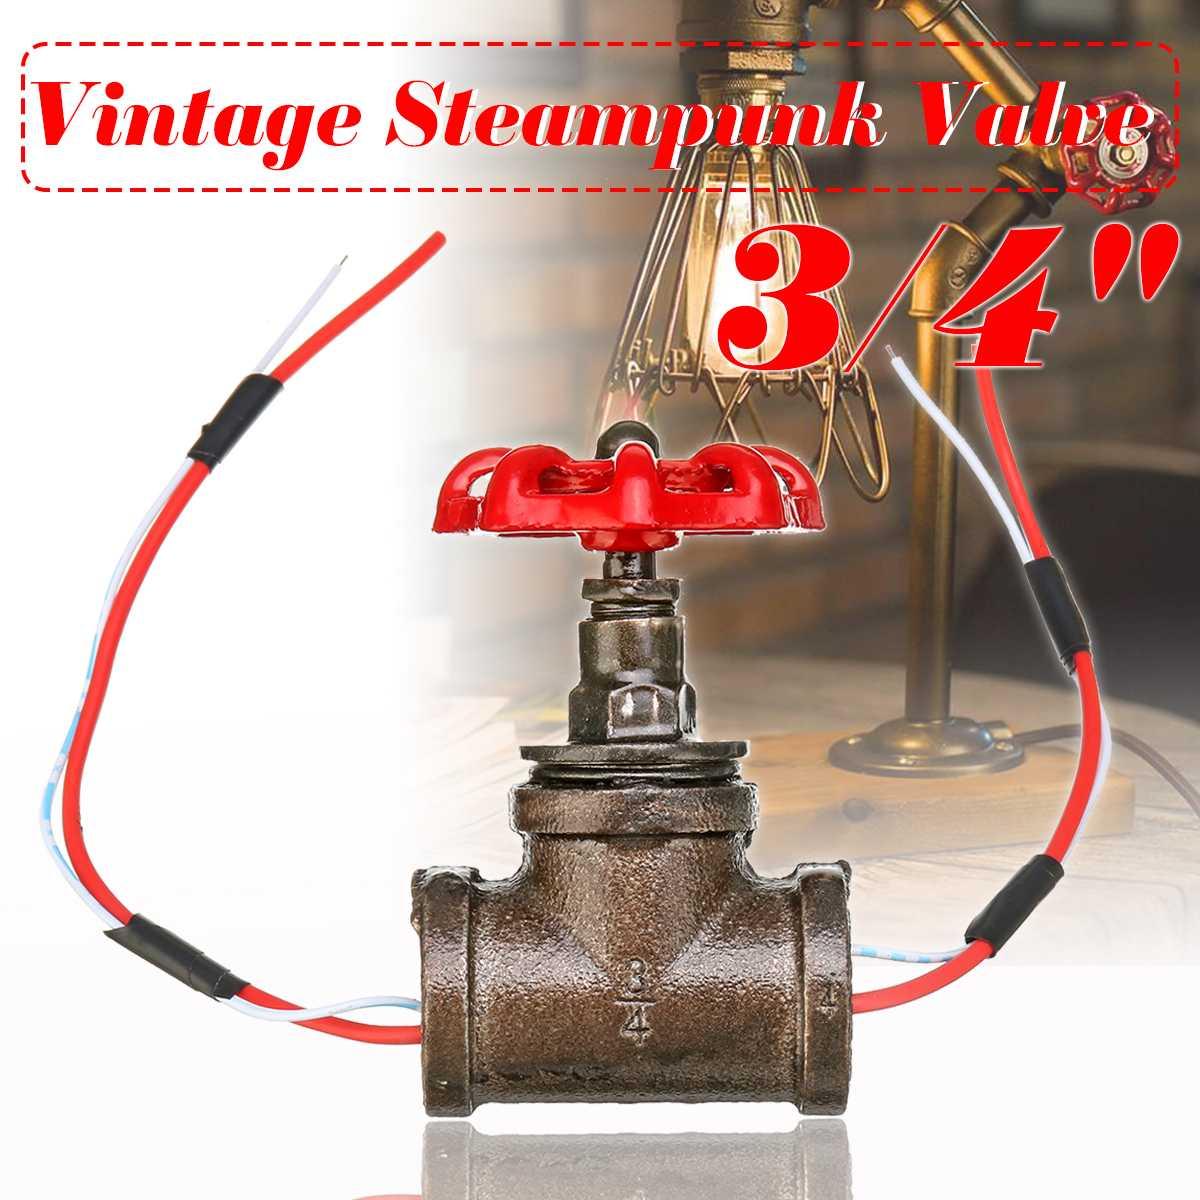 물 파이프 비품 조명 산업 램프 중지 밸브 라이트 스위치 램프 로프트 스타일 철 밸브 빈티지 테이블 램프